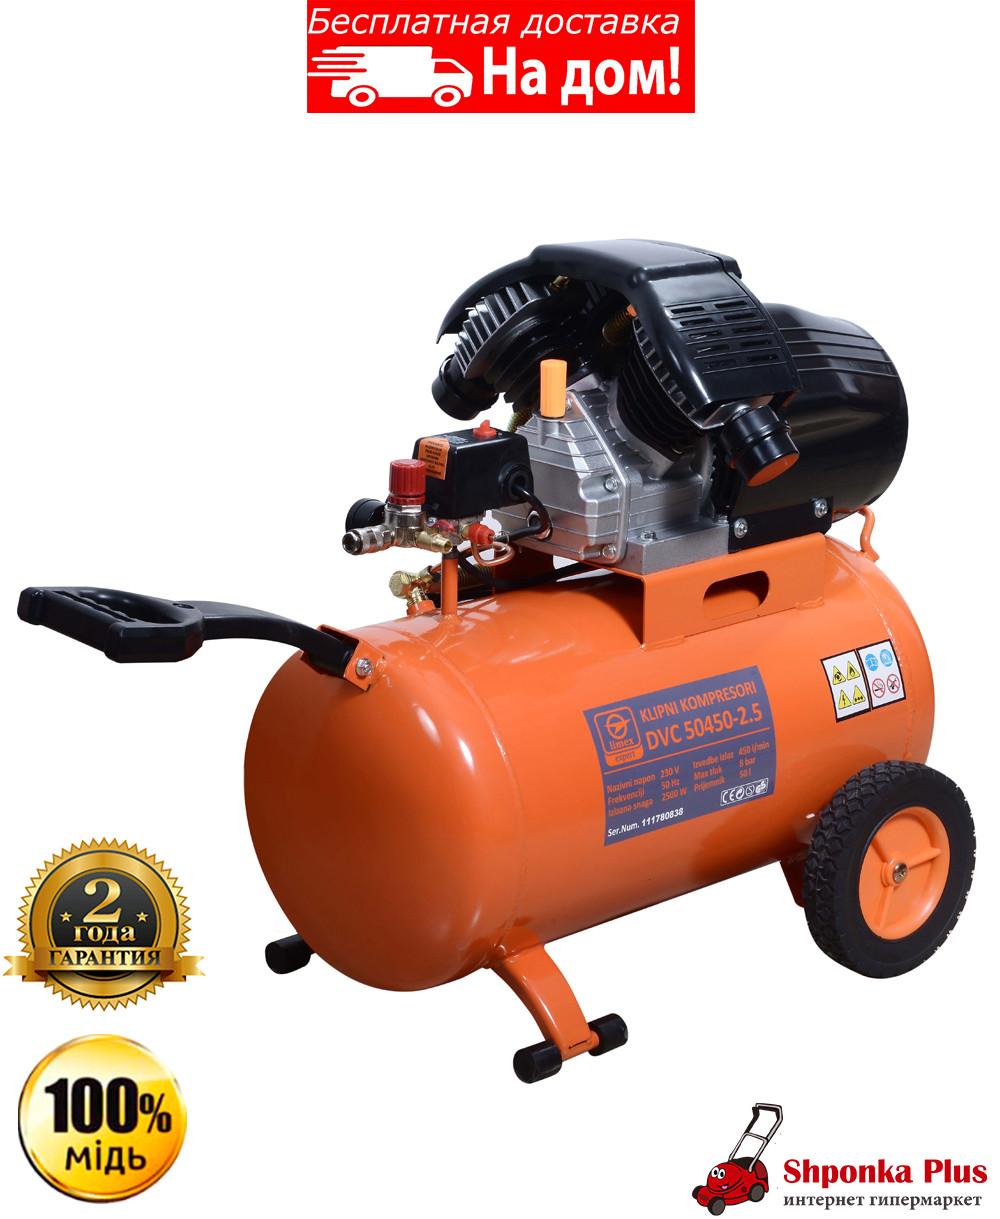 Компрессор 2 цилиндра, 50 л, 2,5 кВт, 450 л/мин., Limex expert DC-50450-2.5